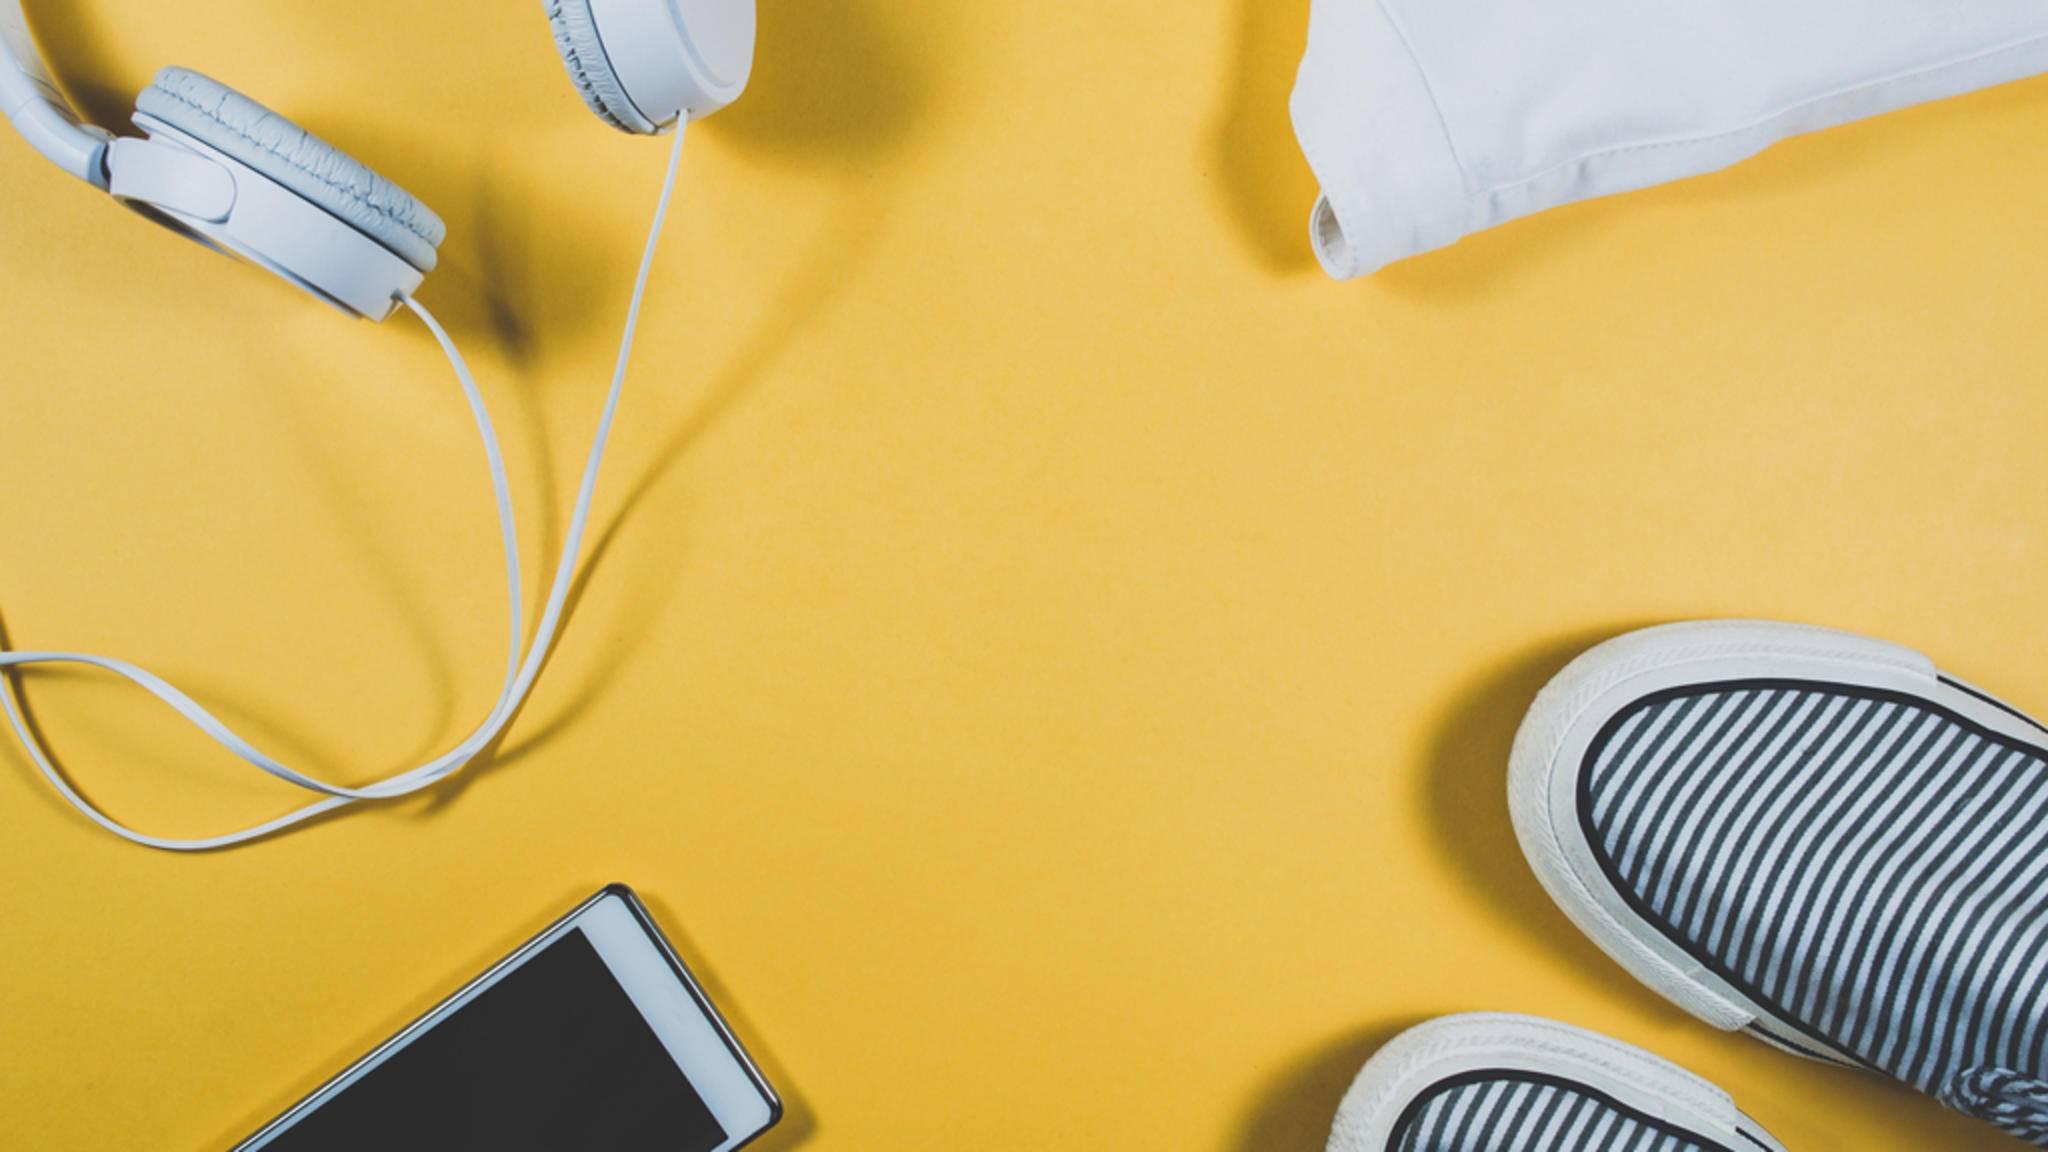 Ob im Urlaub oder zu Hause: Sommer-Gadgets können die sonnige Jahreszeit noch heißer machen.